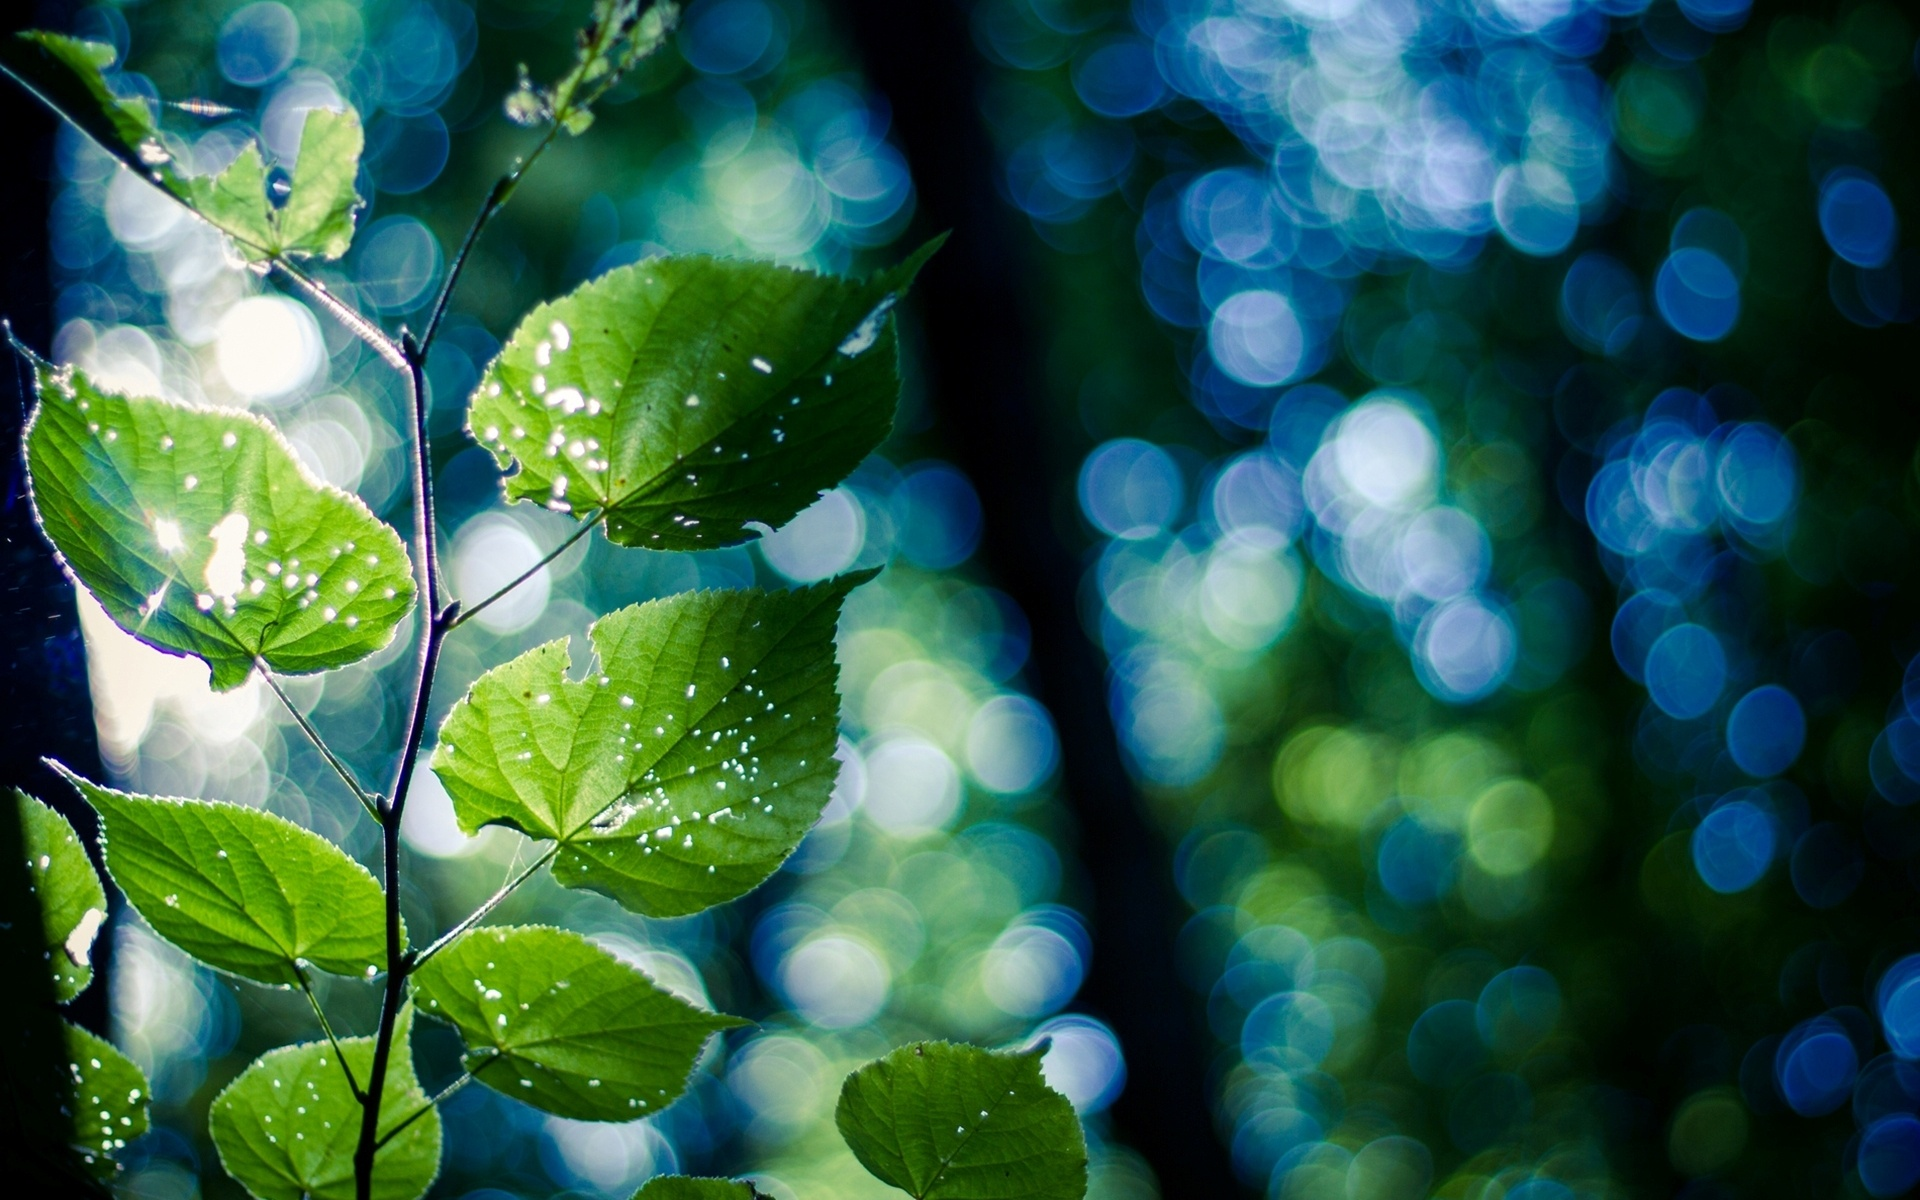 красивая картинка серо-зеленая рассказывают